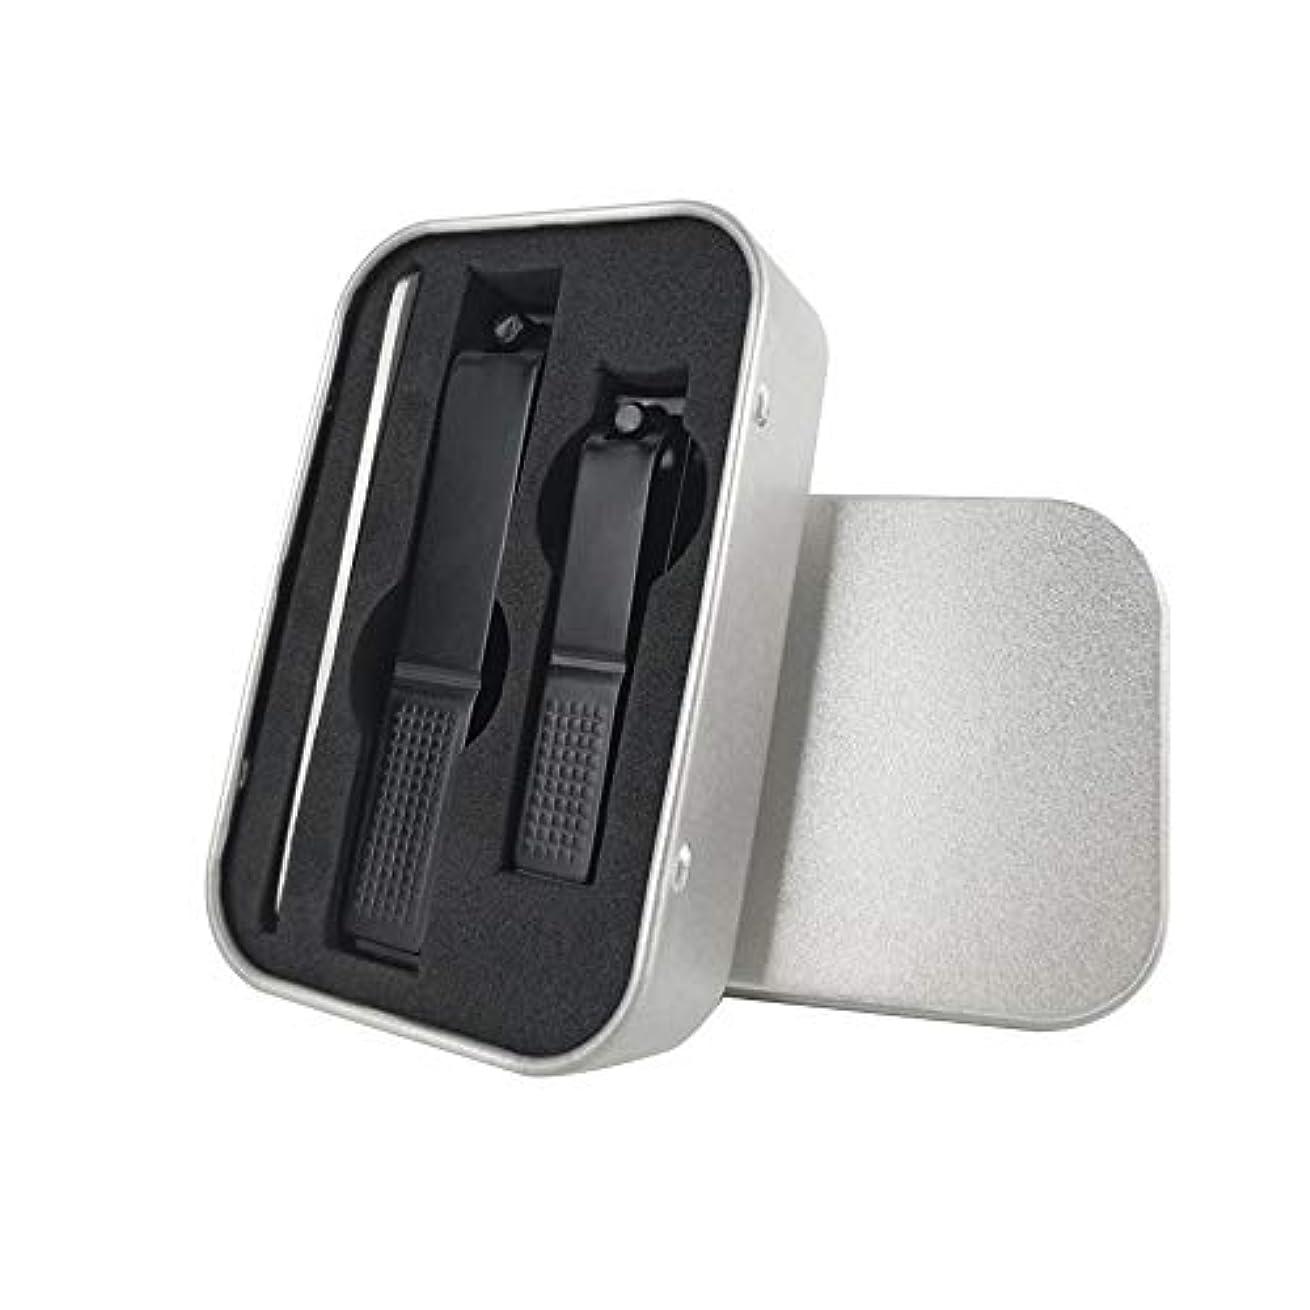 ボタン受け継ぐ仮説RECOO 爪切り 爪やすり 携帯用3本セット つめきり ネイルケア 高級はがね 握りやすい爪切り 専用収納ケース入り 曲線刃 (大/小爪切り)